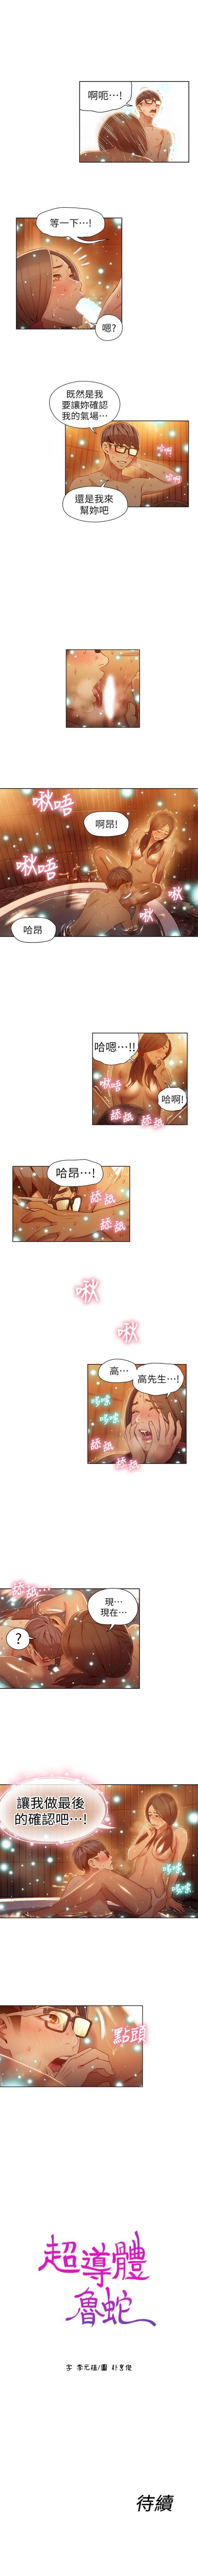 超導體魯蛇 1-41 官方中文(連載中) 173